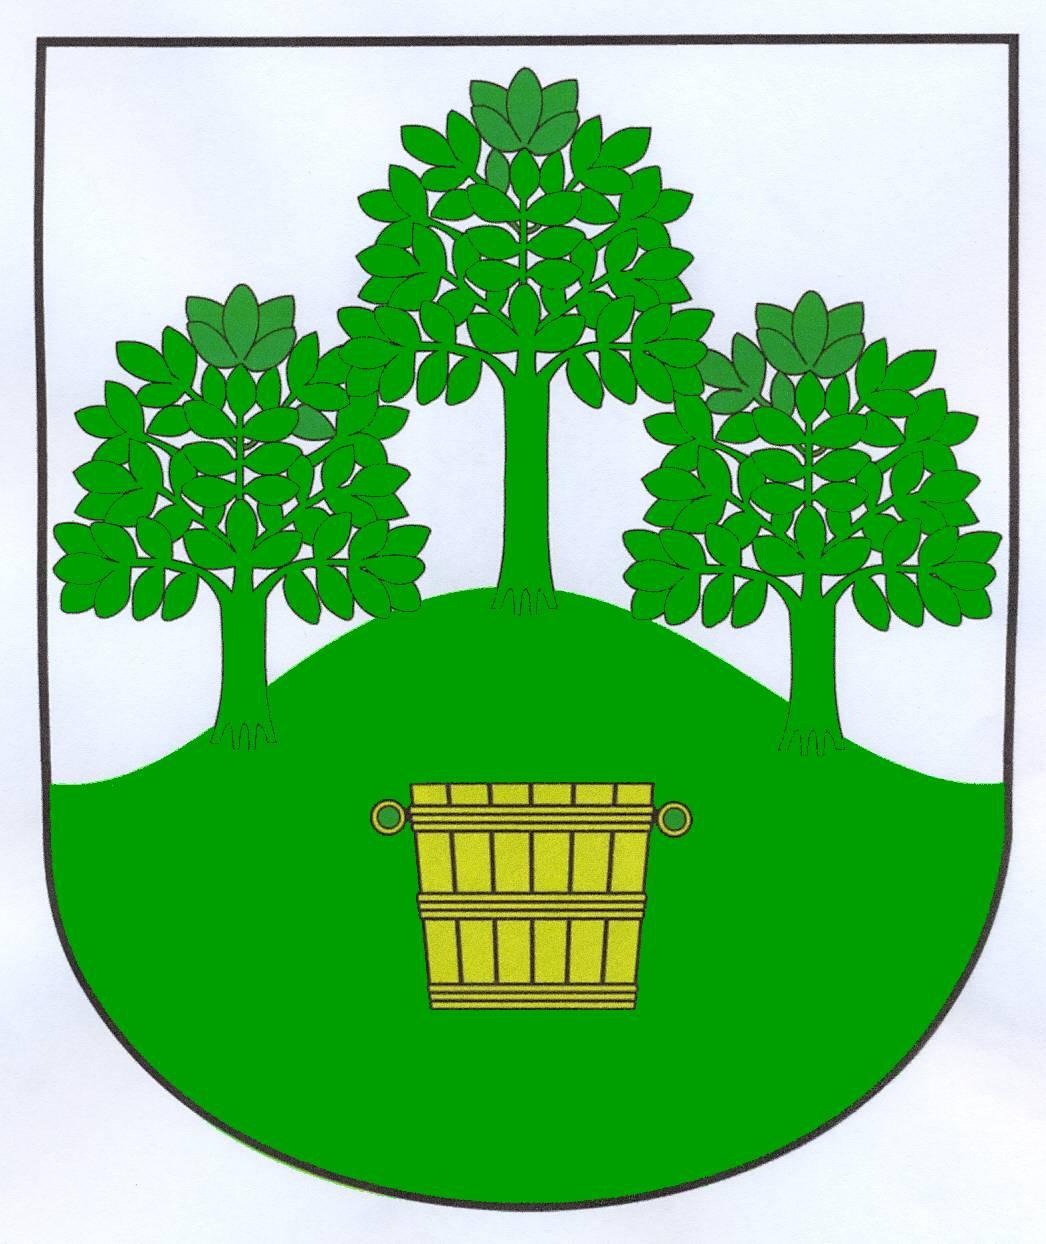 Wappen GemeindeThaden, Kreis Rendsburg-Eckernförde